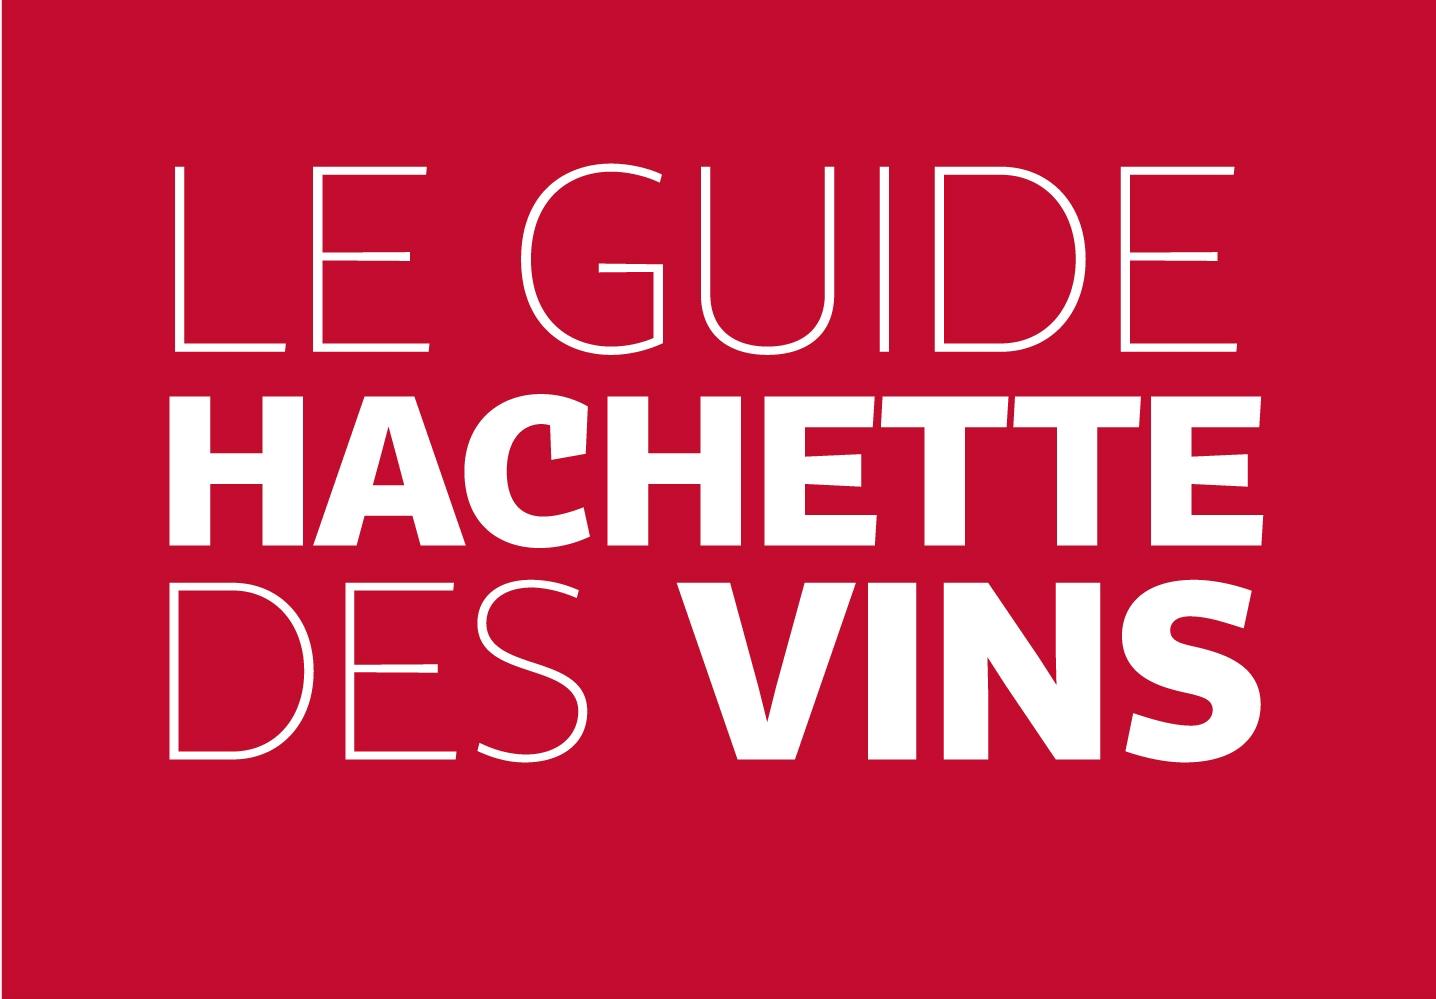 Le guide Hachette des vins 2017 : 1 étoile(s)